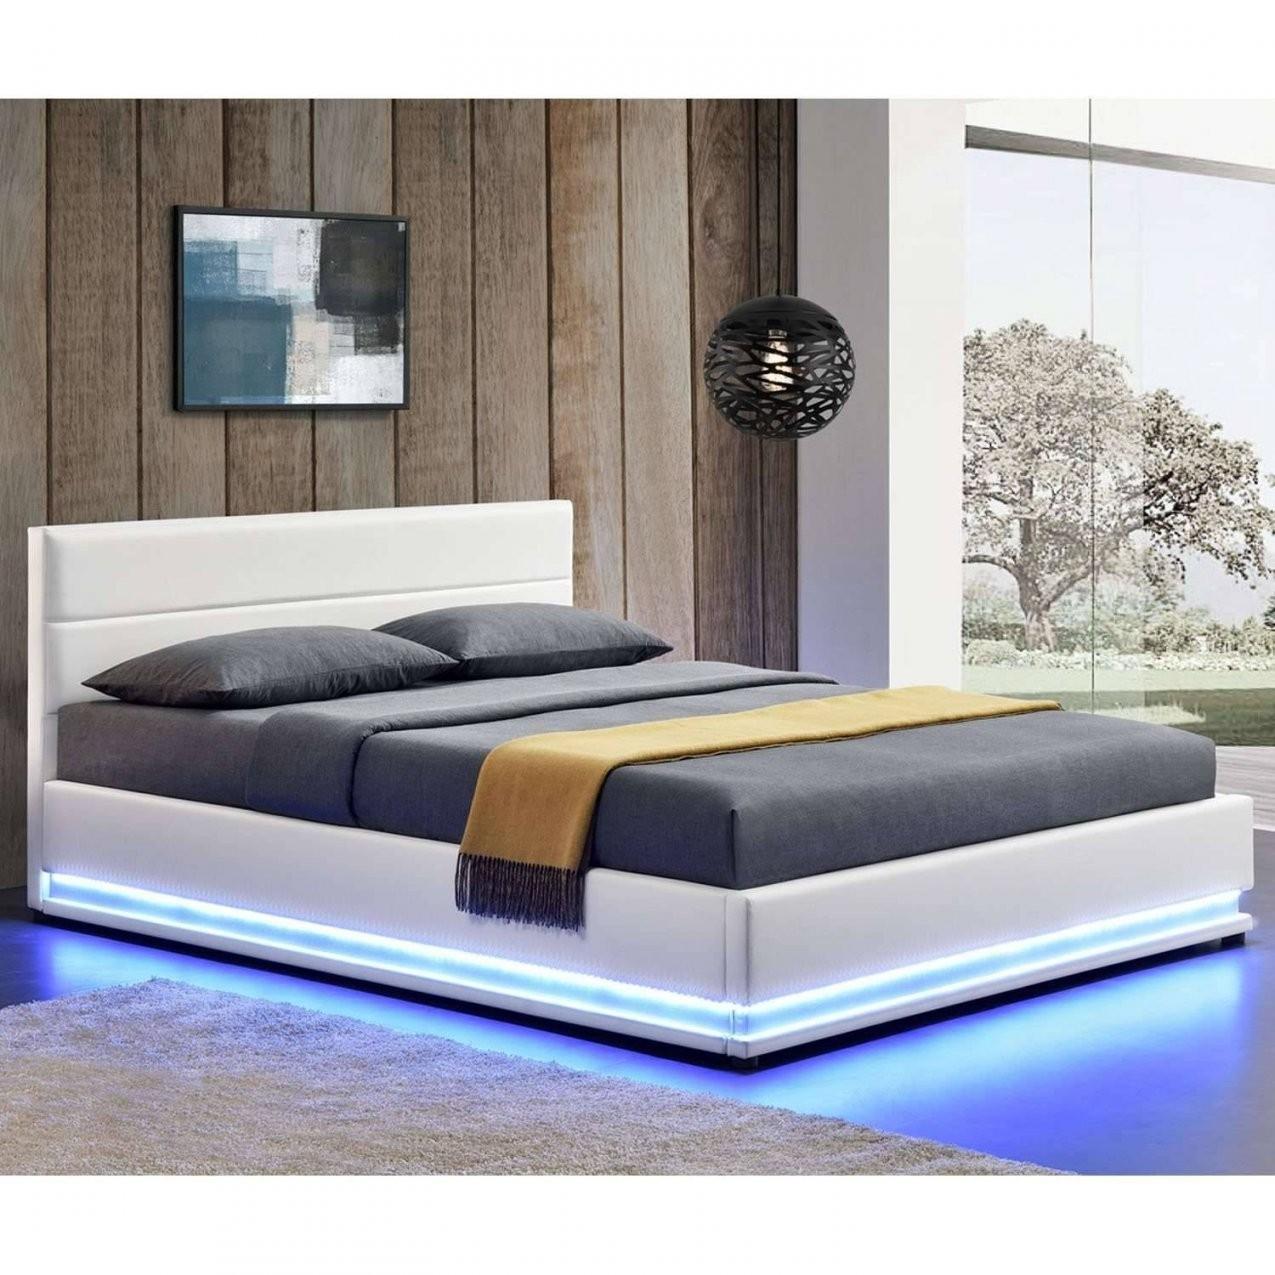 Bett 200×200 Mit Matratze Und Lattenrost Unique Bett 200×200 Mit von Bett 200X200 Mit Matratze Und Lattenrost Bild